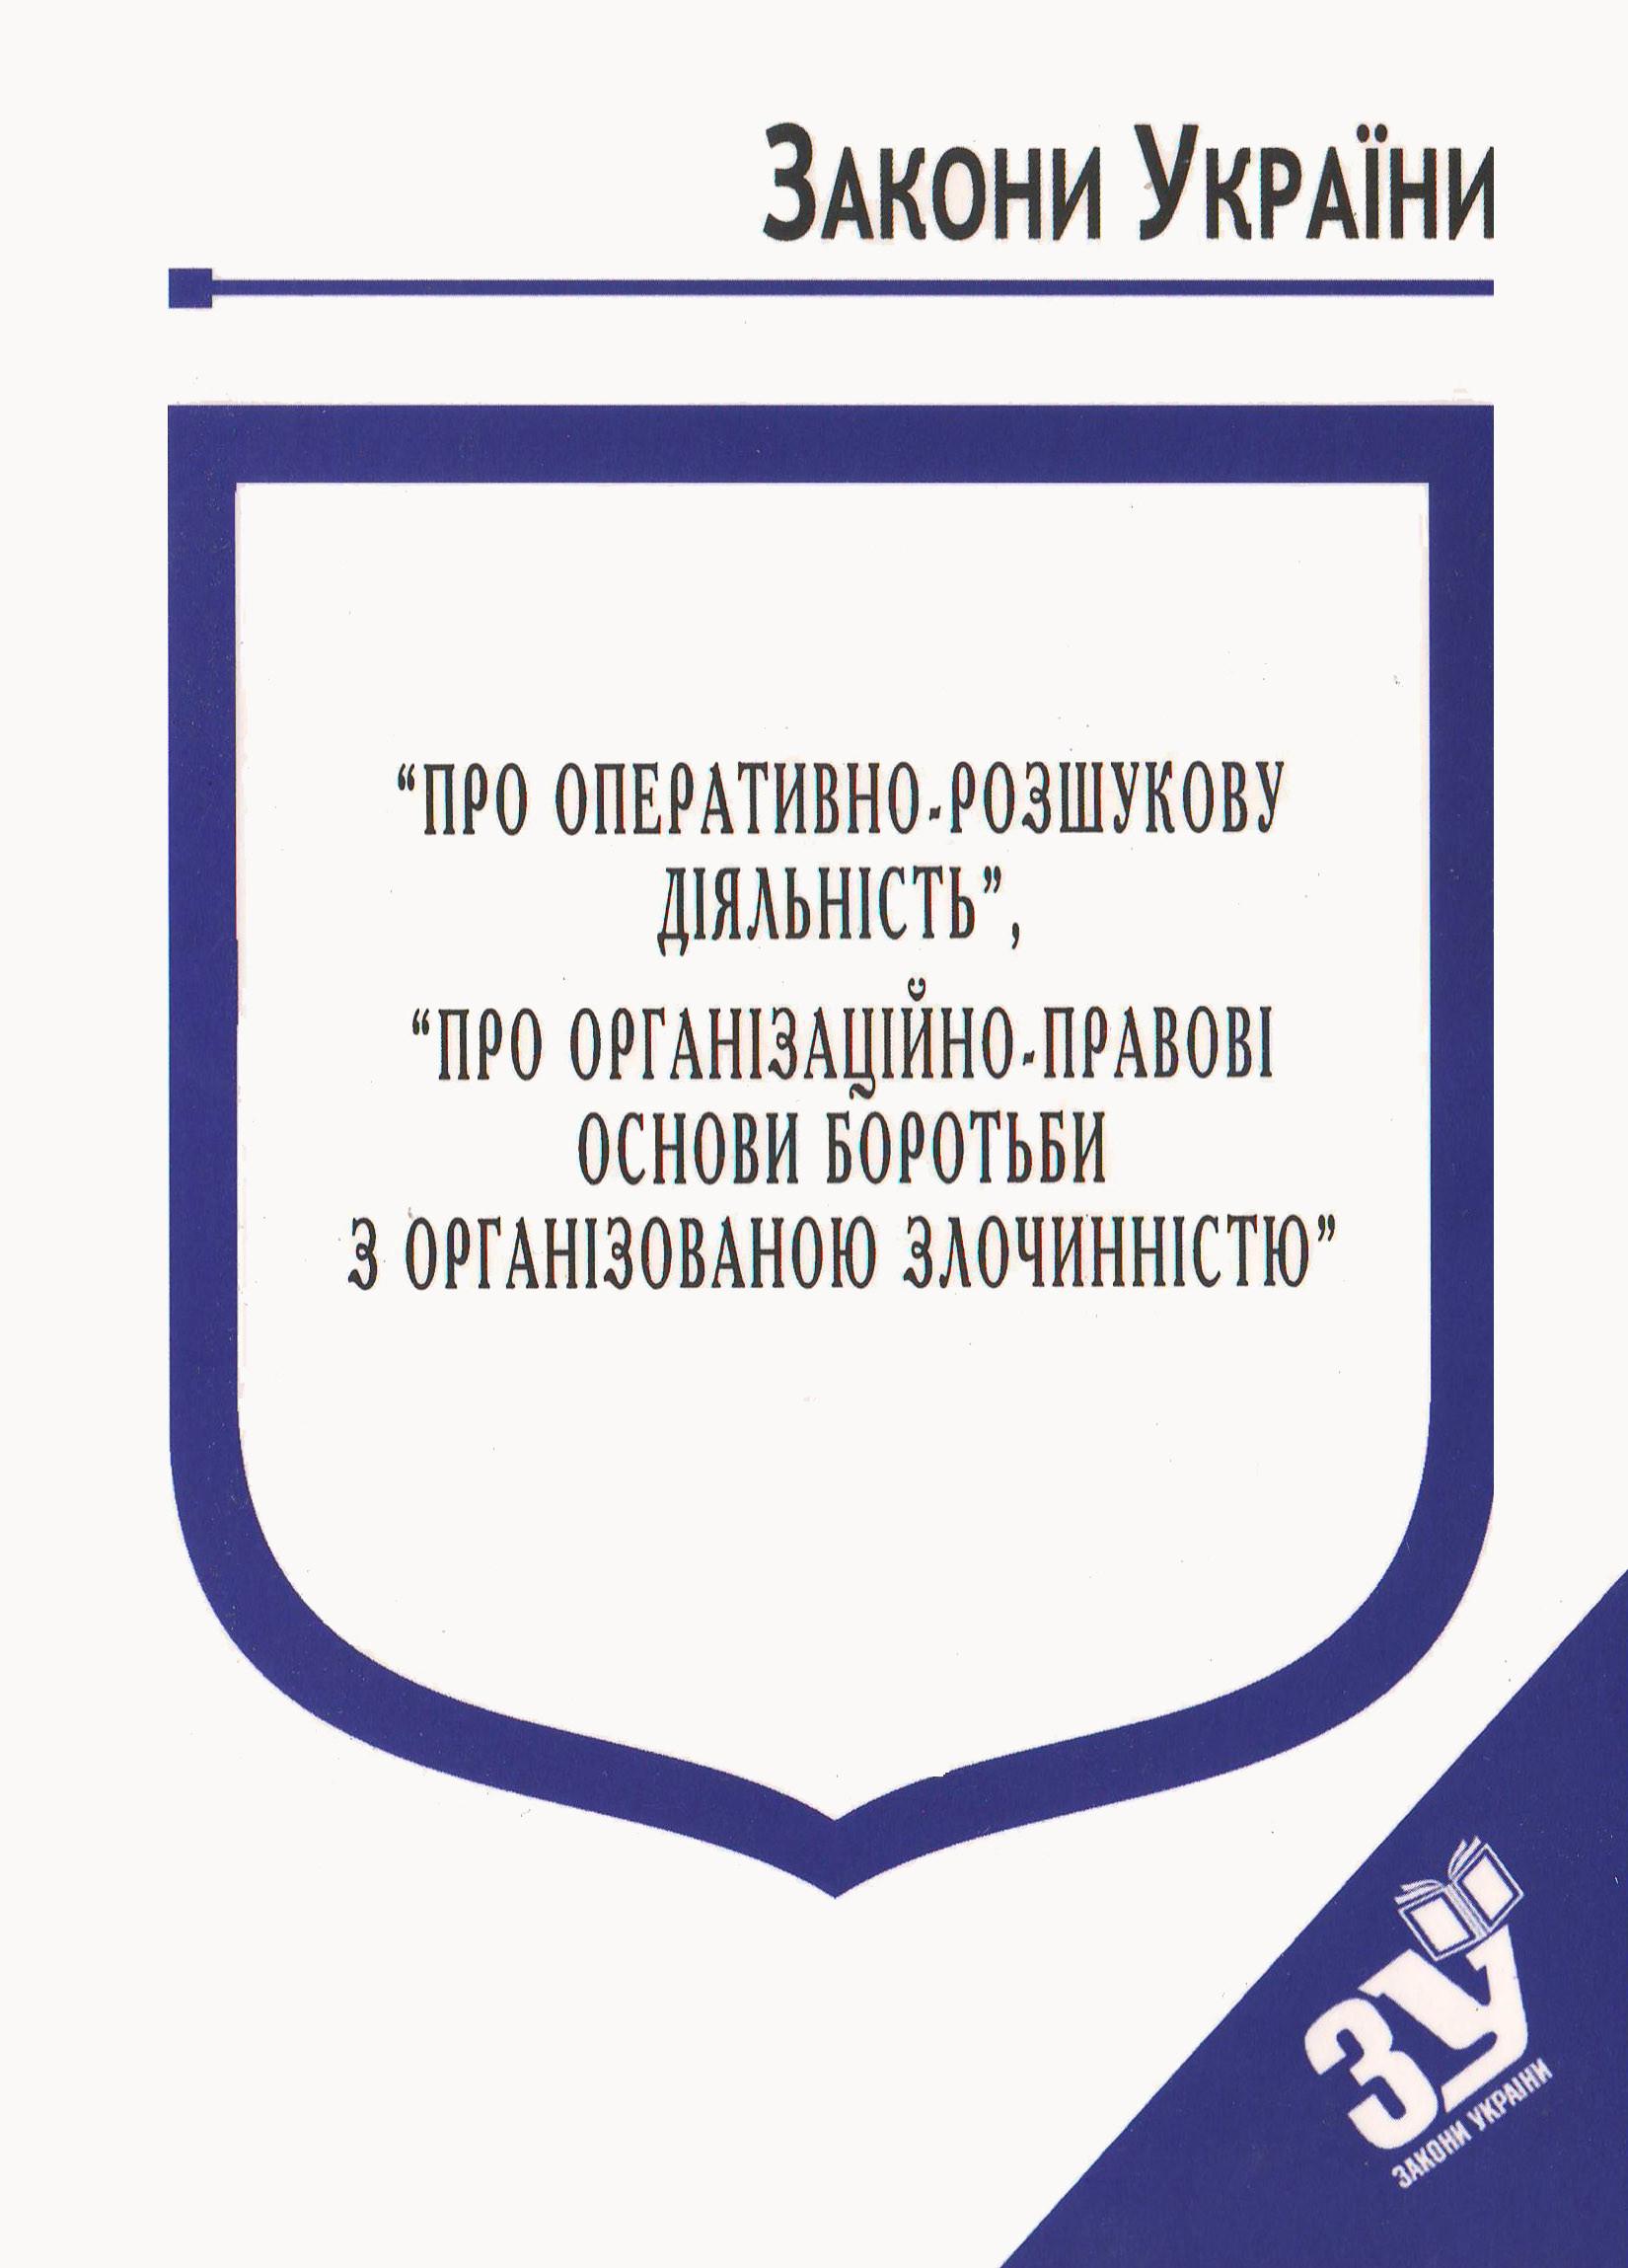 """Закони України: """"Про оперативно-розшукову діяльність"""", """"Про організаційно-правові основи боротьби з організованою злочинністю"""""""